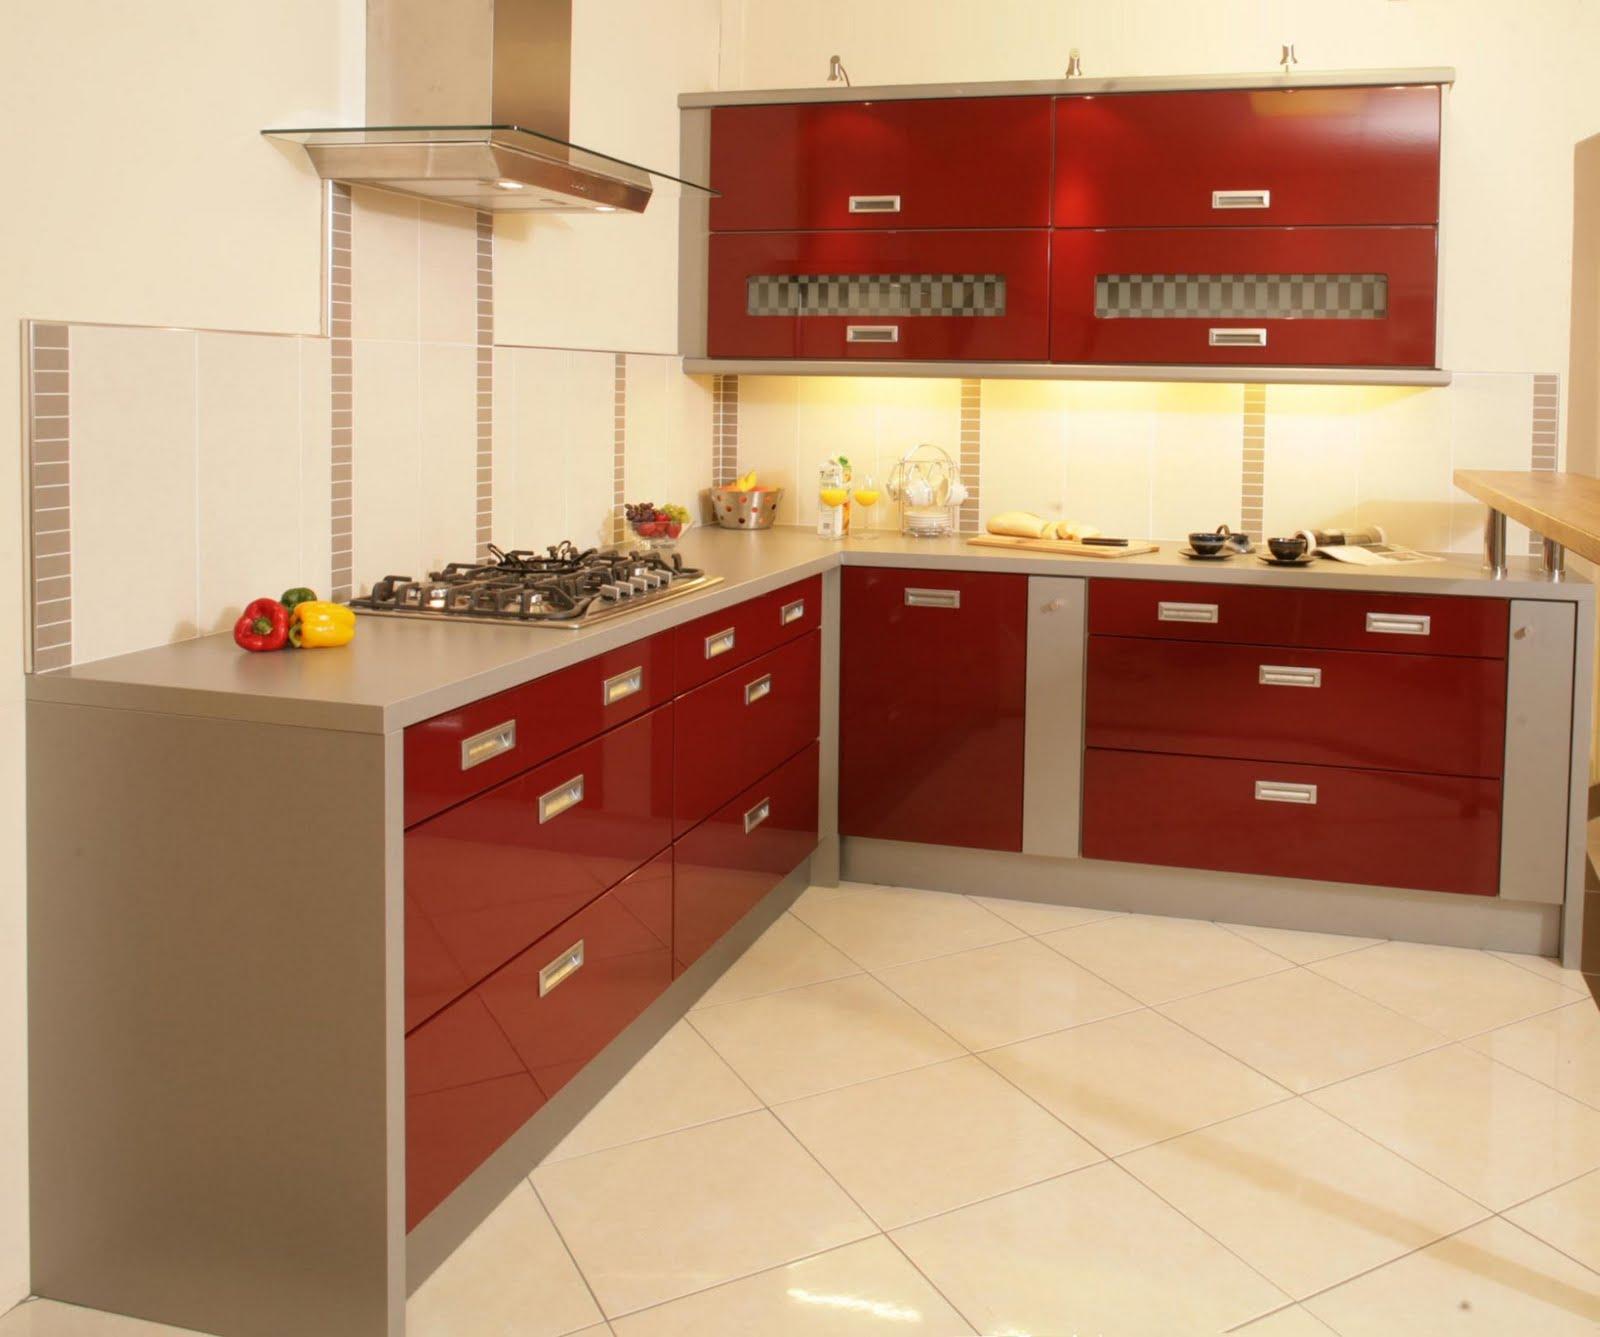 kitchen cabinets kitchen design ideas basic kitchen cabinets Kitchen Cabinets Kitchen Design Ideas